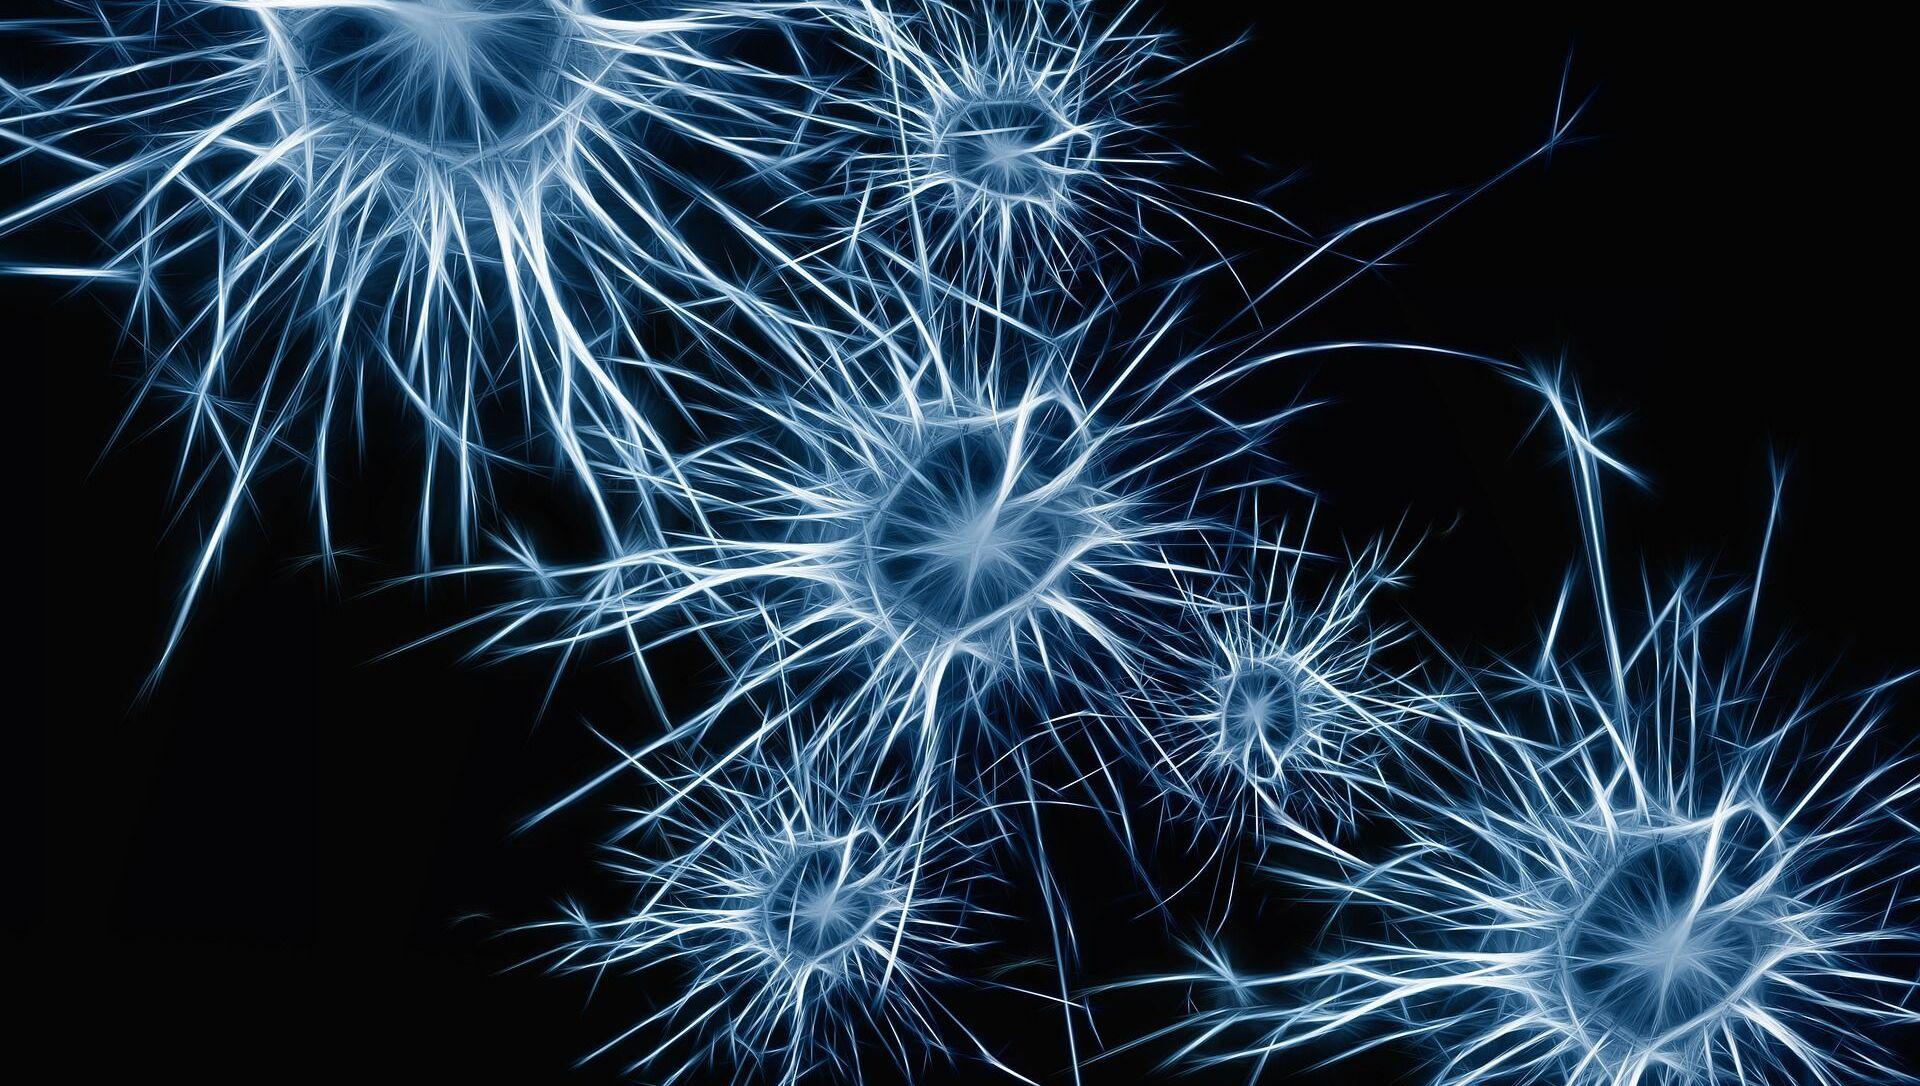 Tế bào thần kinh não - Sputnik Việt Nam, 1920, 15.04.2021